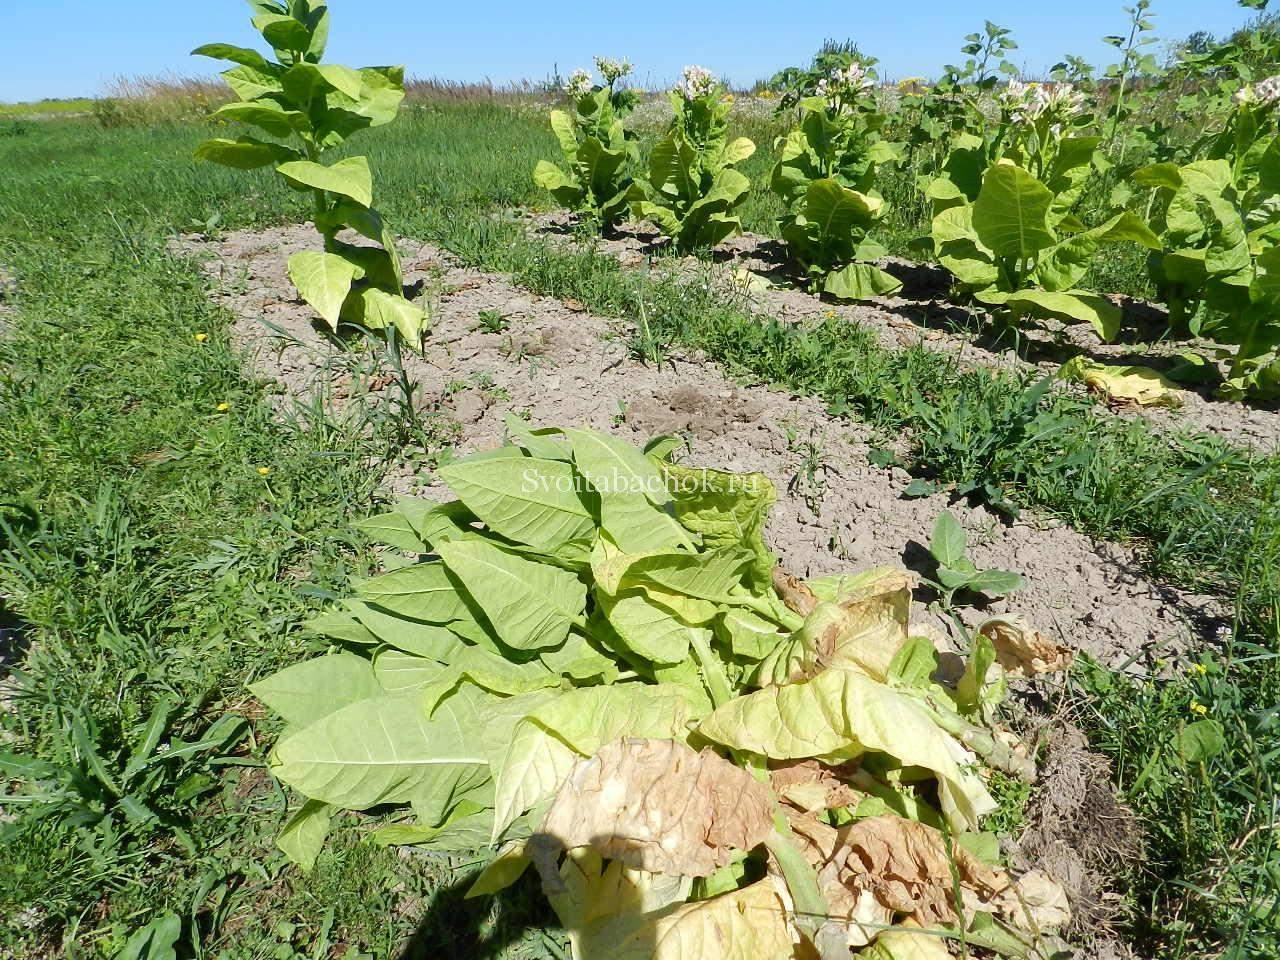 Выращивание и обработка табака в домашних условиях 8